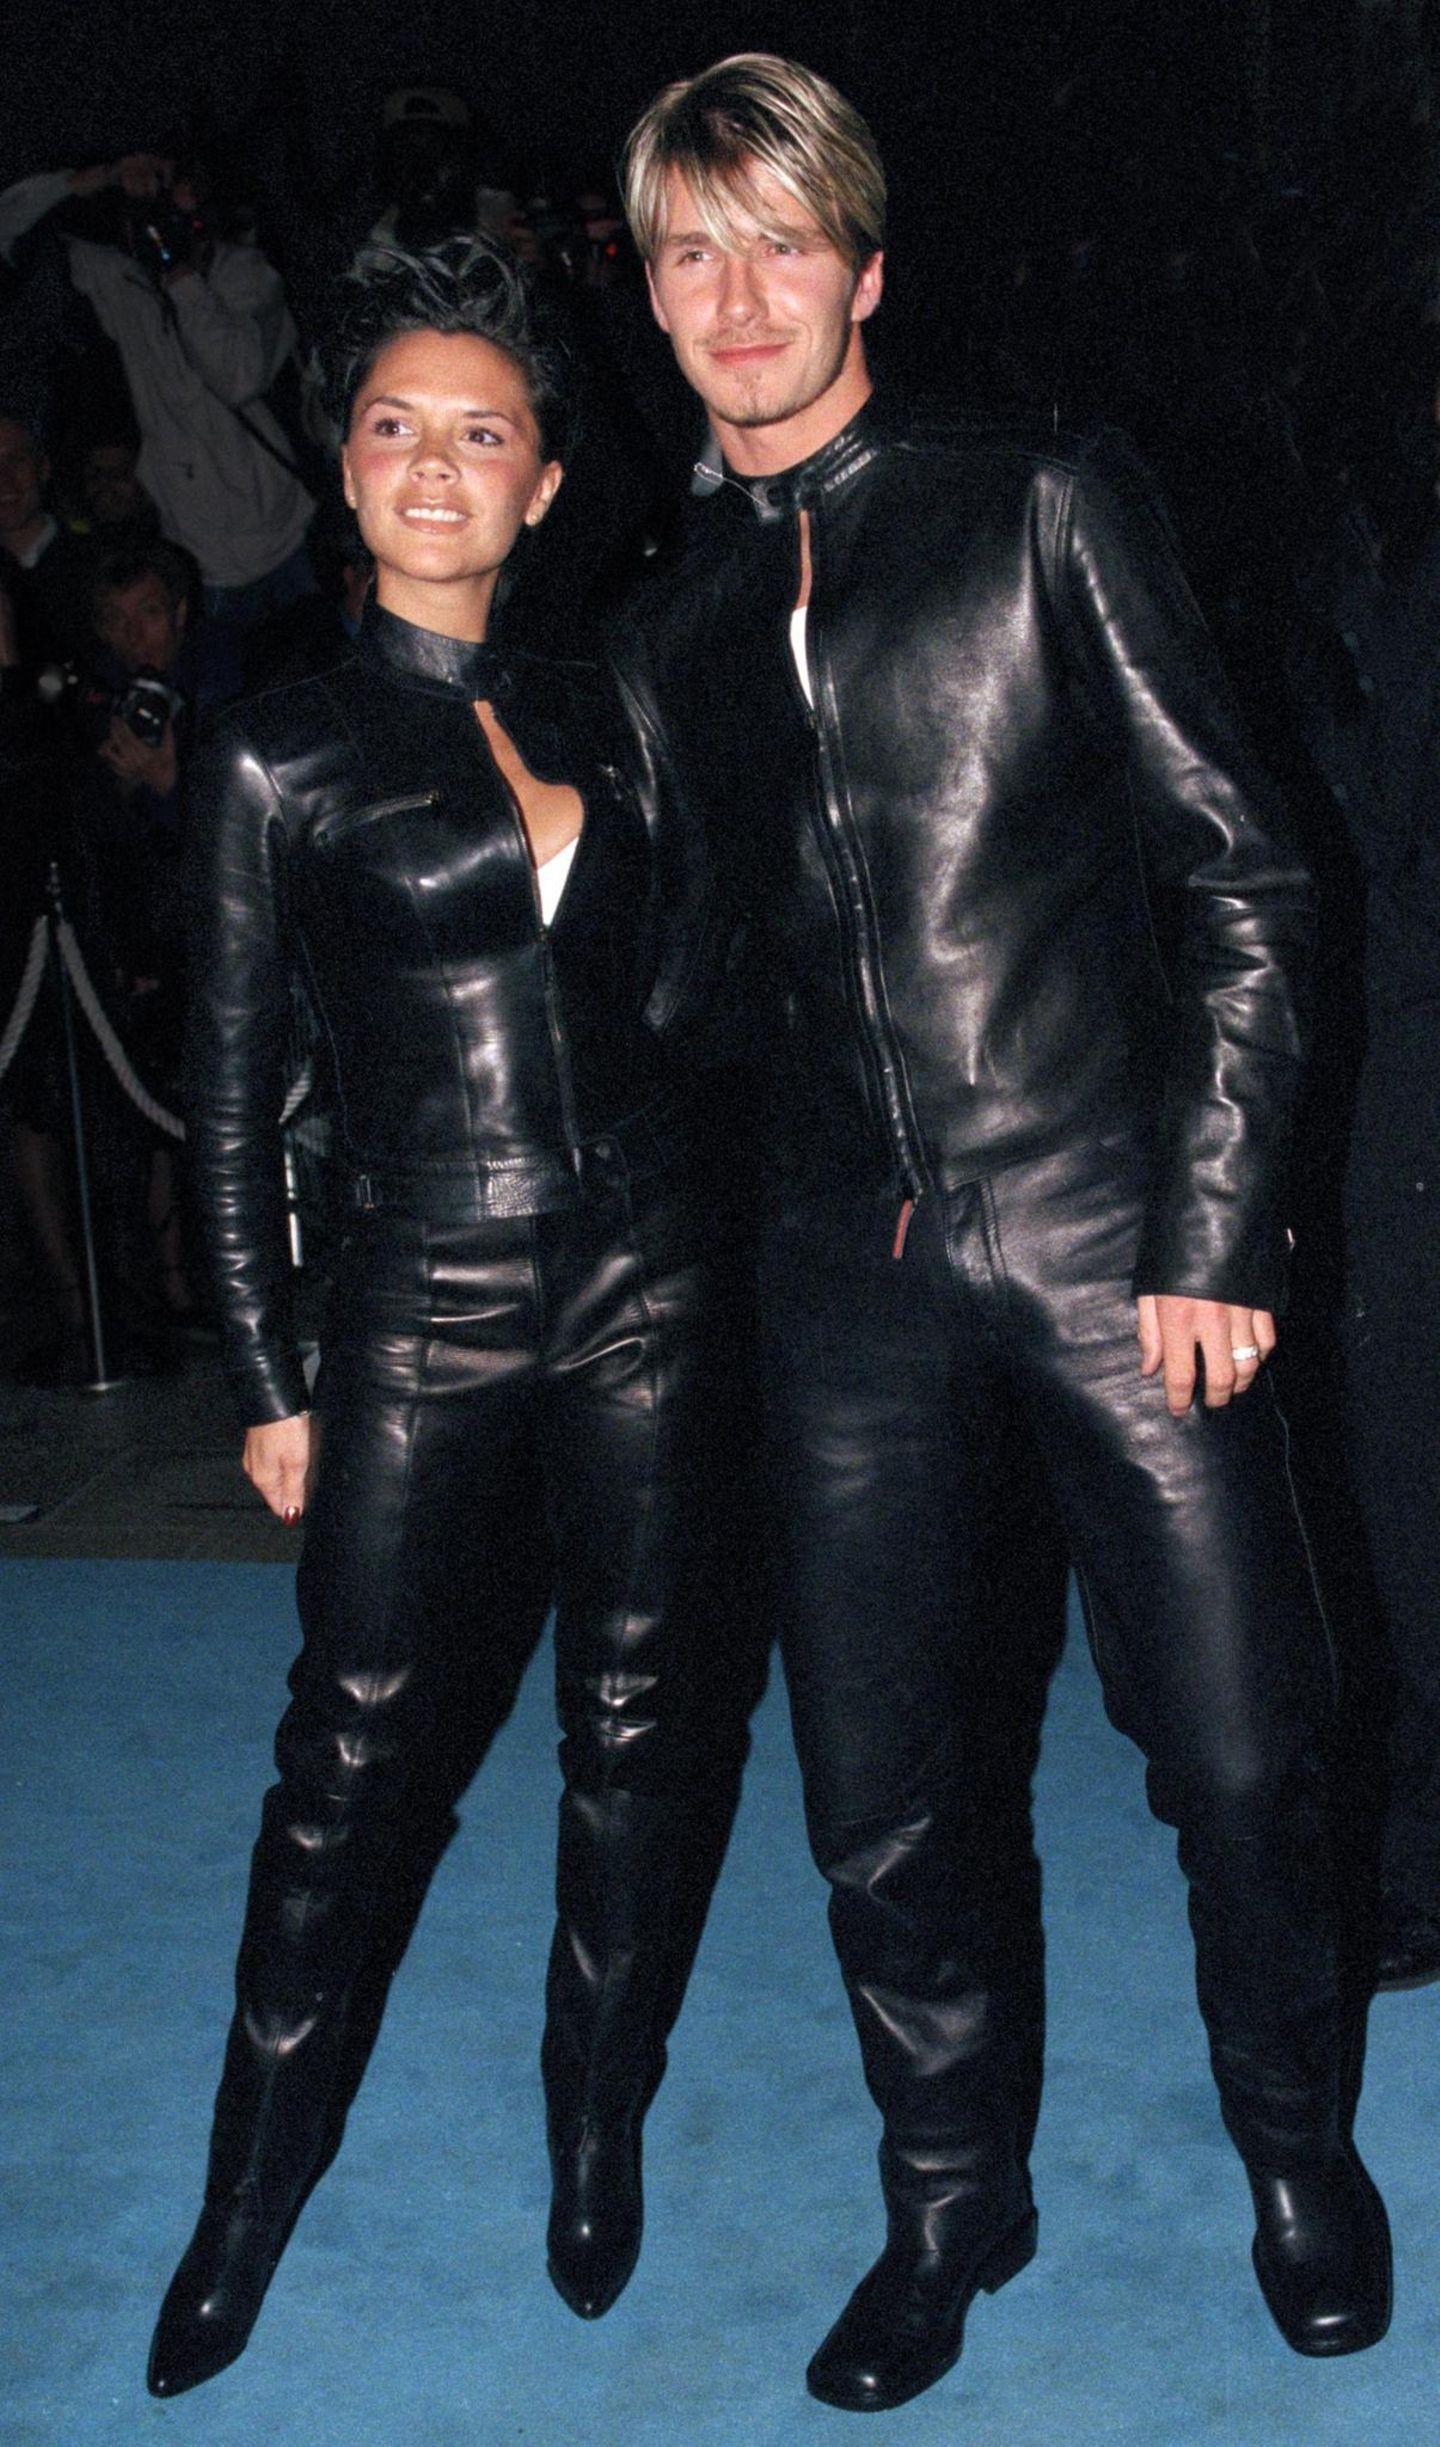 Stars im Partnerlook: Victoria Beckham und David Beckham im Leder-Outfit